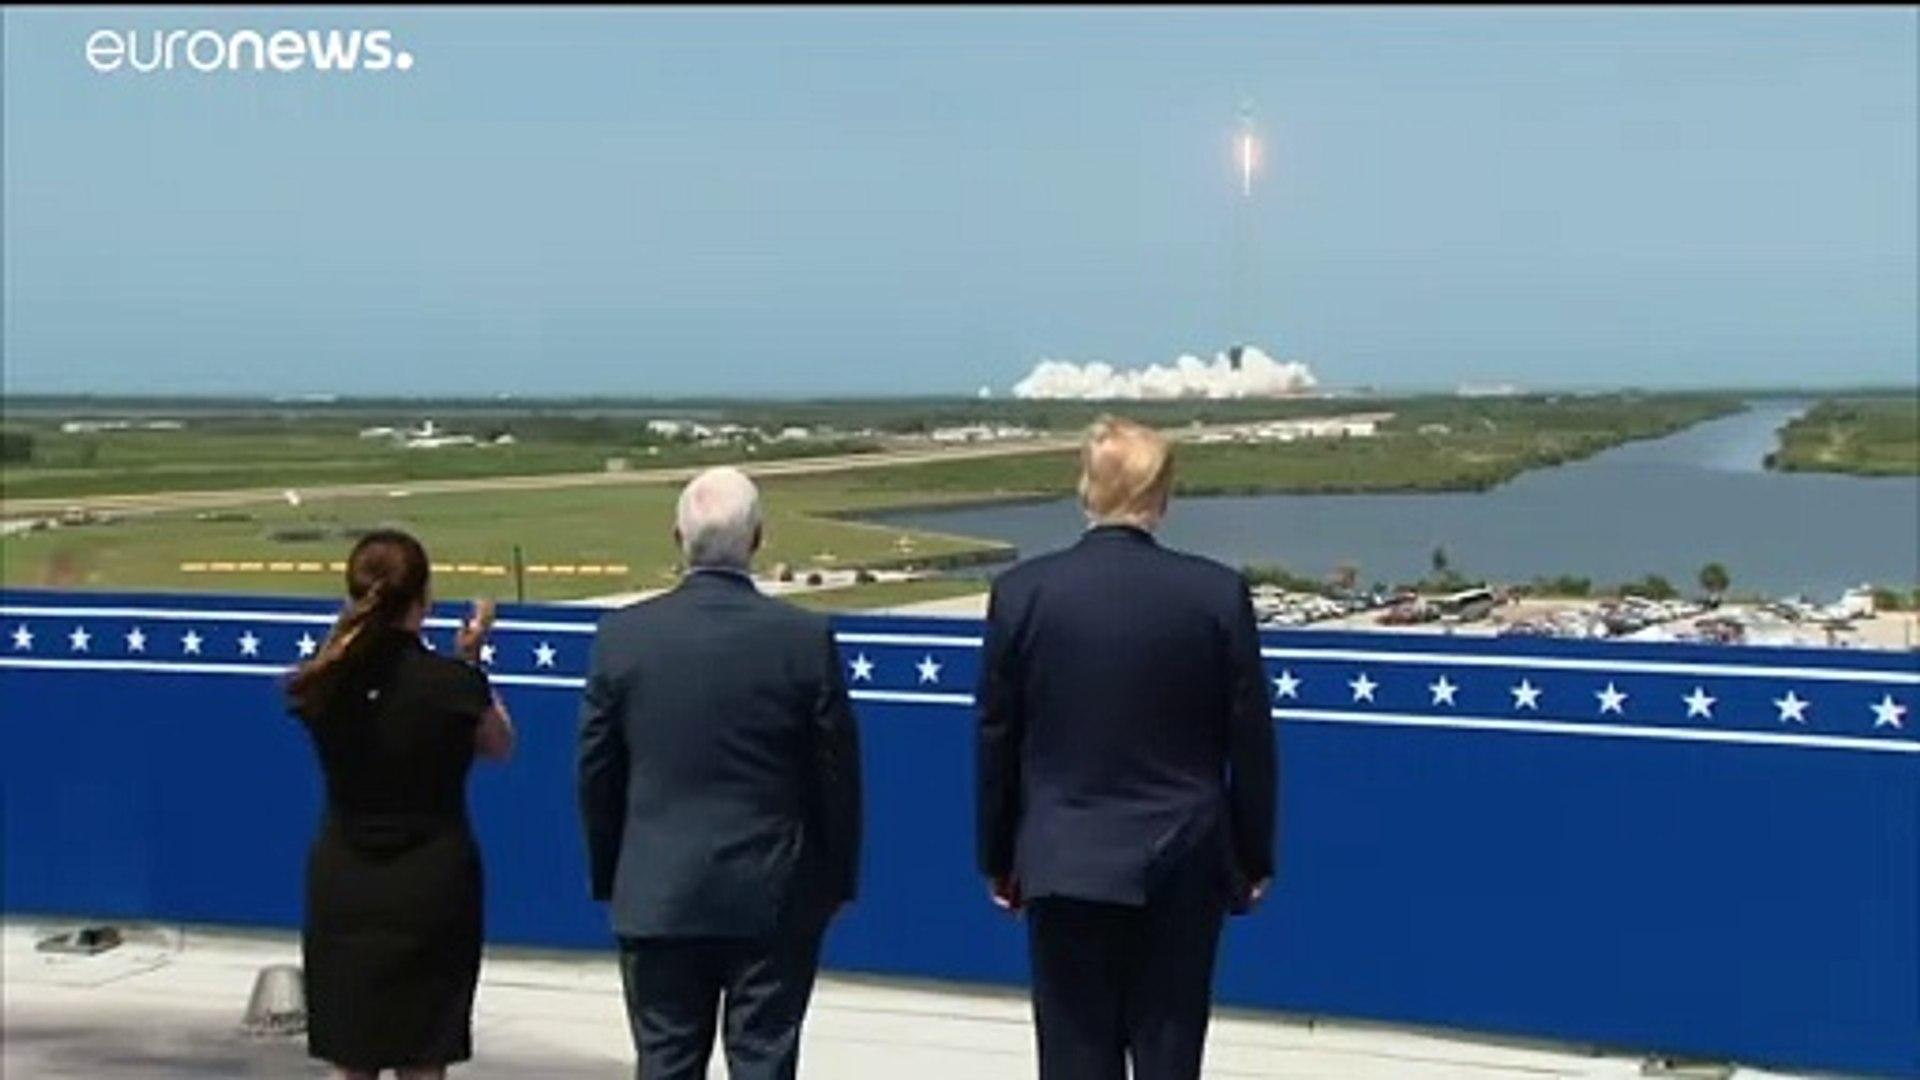 """اطلاق تاريخي لصاروخ """"سبايس إكس"""" بحضور الرئيس الأمريكي دونالد ترامب ..."""